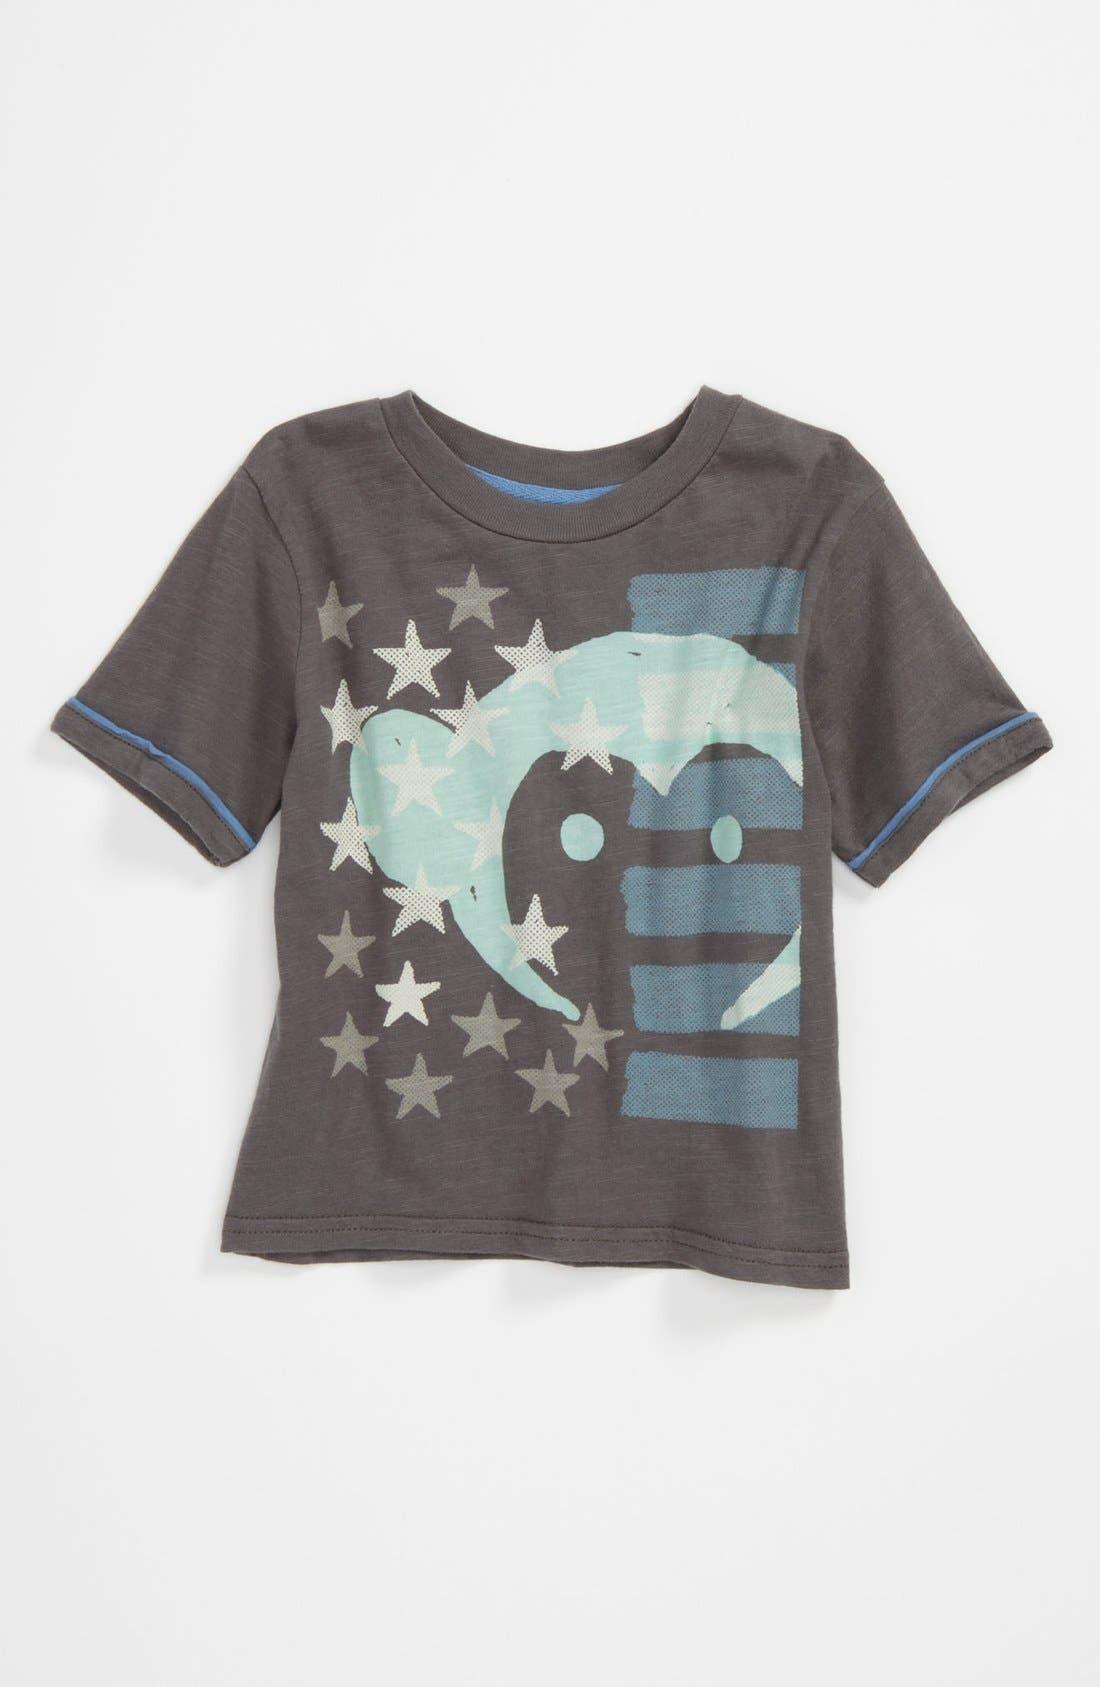 Main Image - Appaman 'American Monkey' T-Shirt (Toddler)